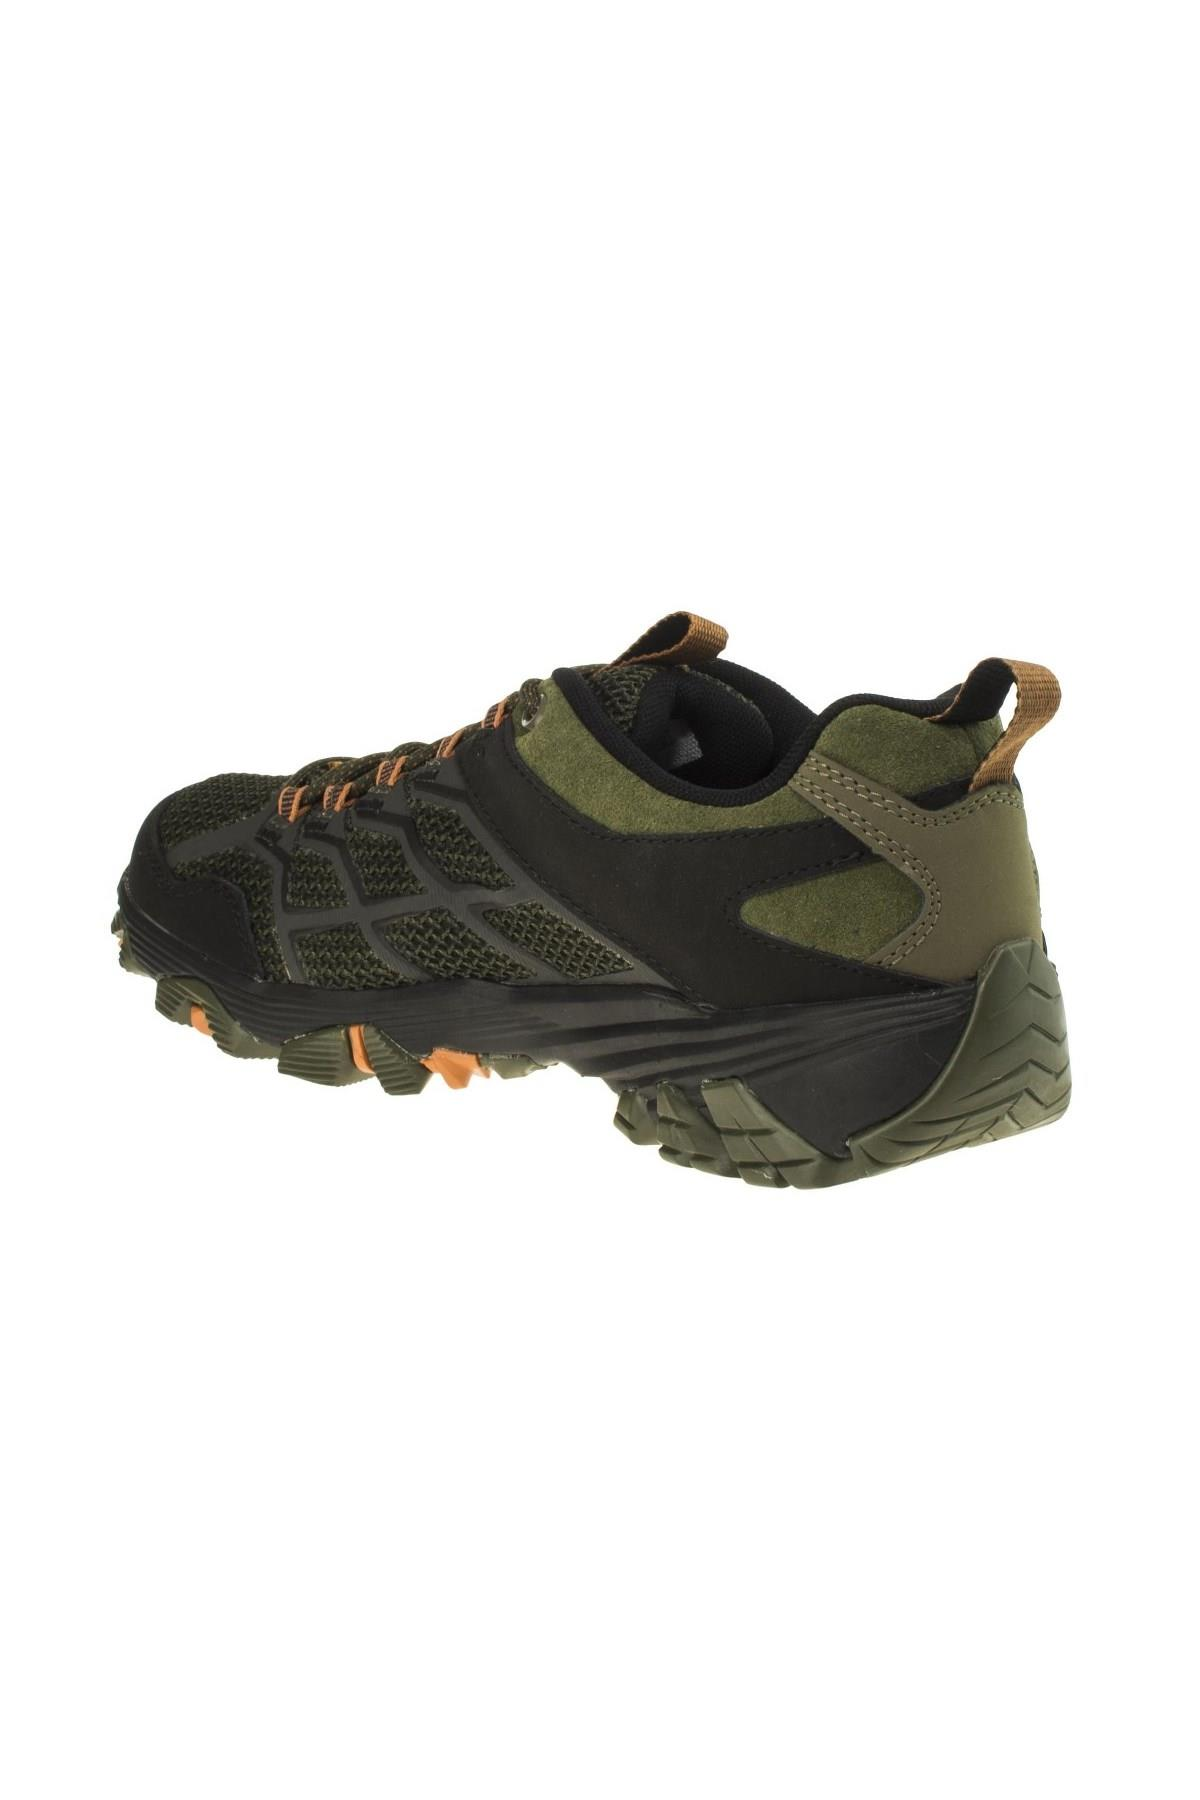 Merrell Moab Fst 2 Gtx Ayakkabı Olive/Adobe J77447